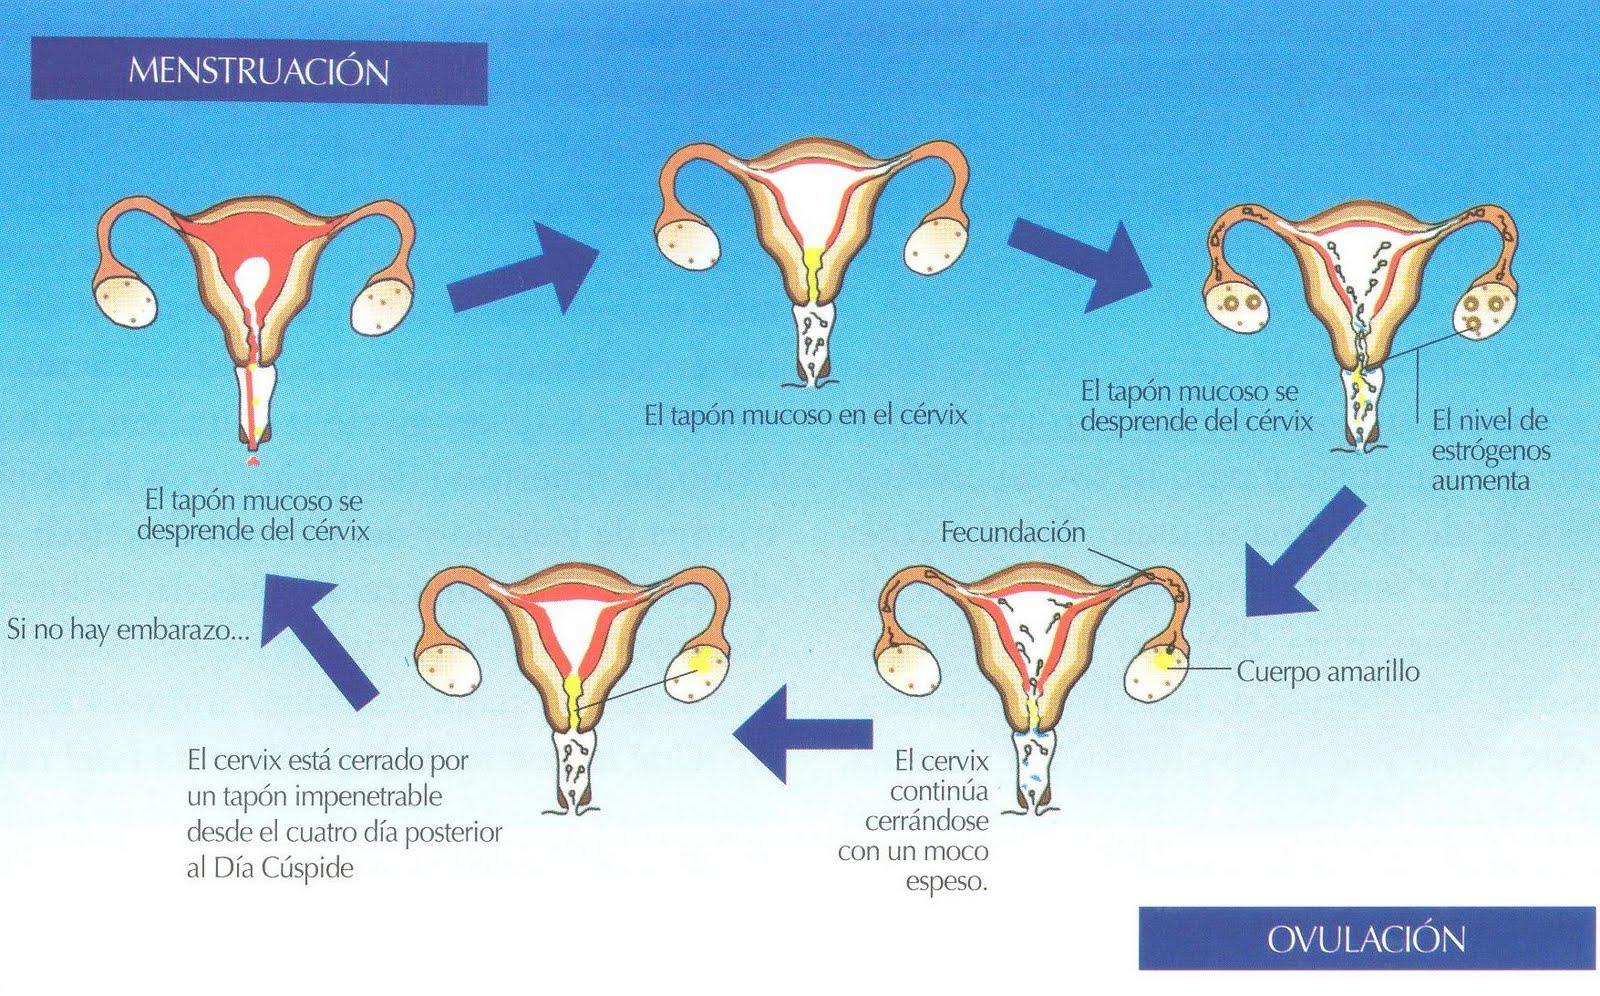 dias de no ovulacion de la mujer